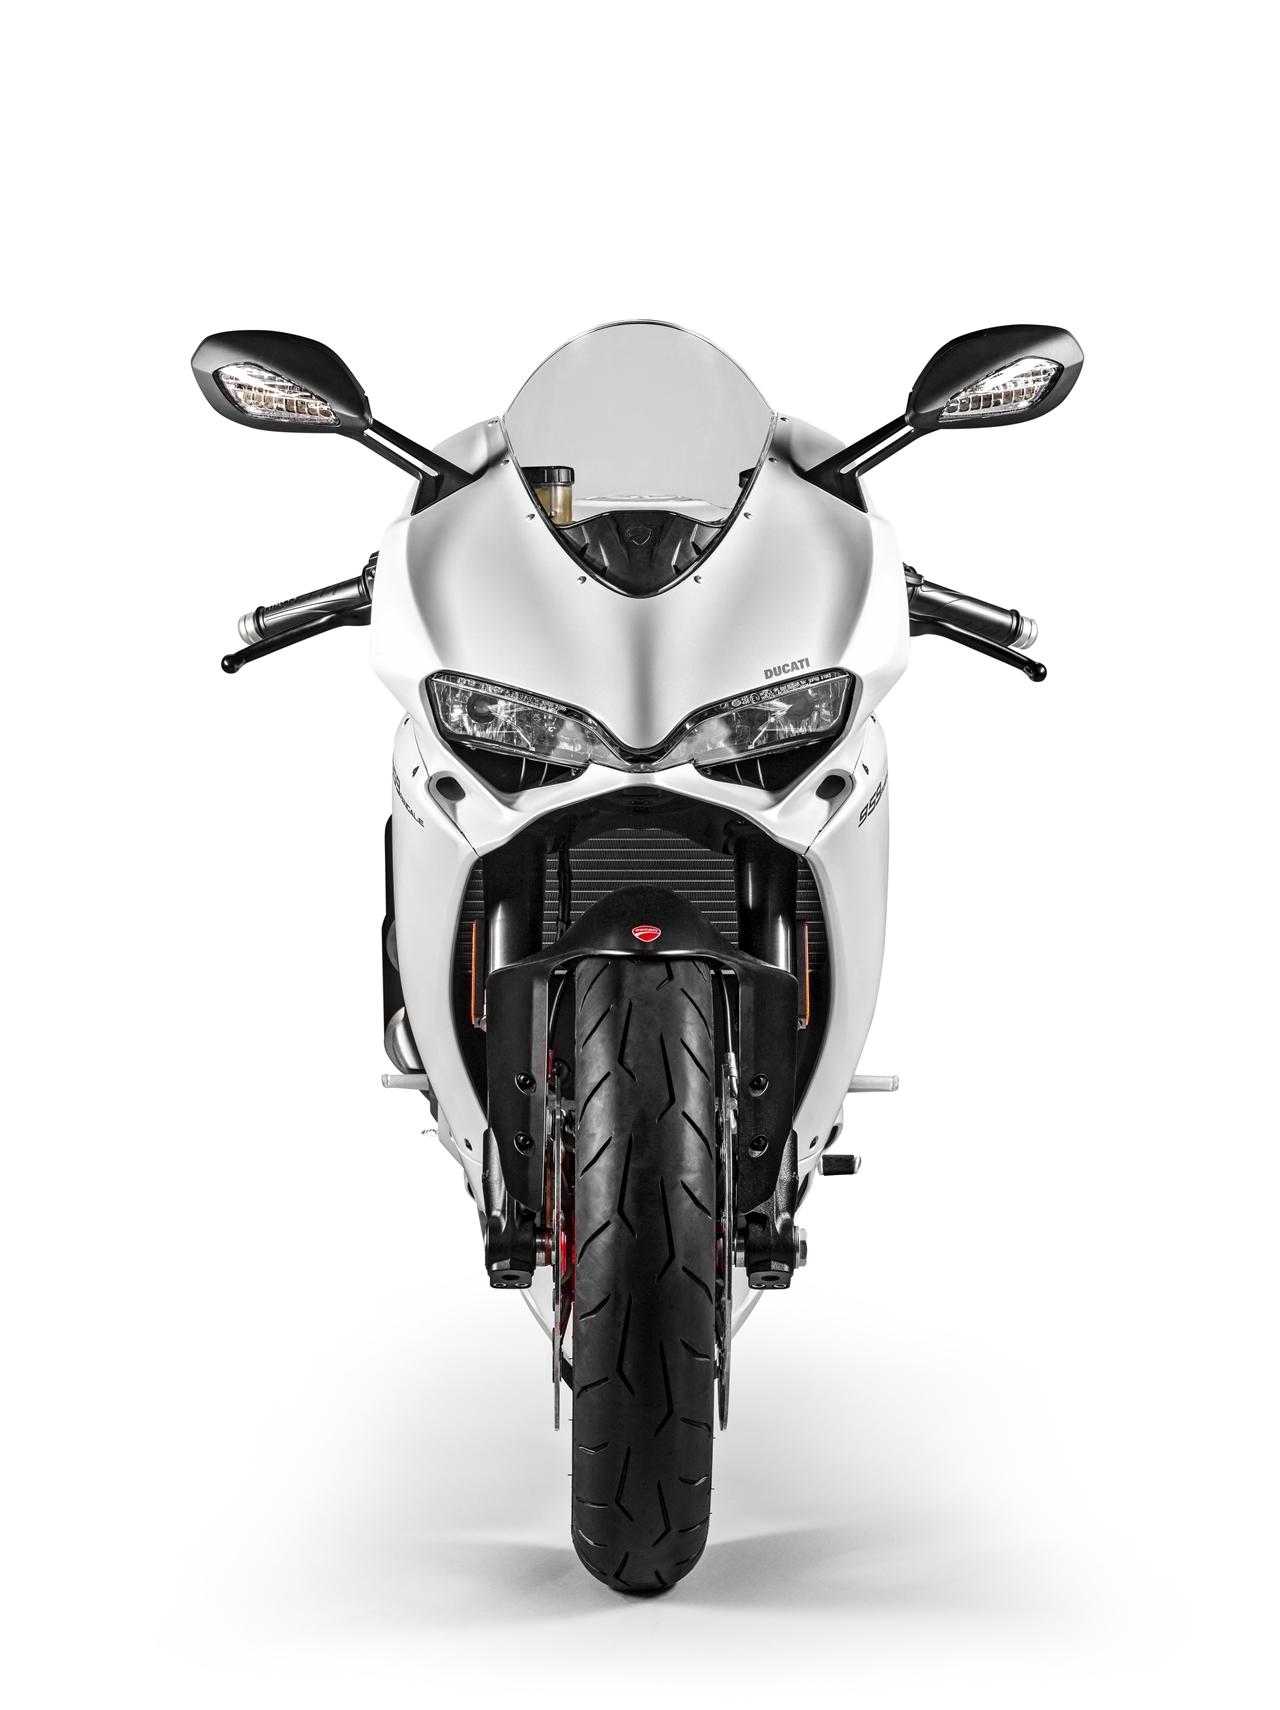 Foto de Ducati 959 Panigale (19/27)